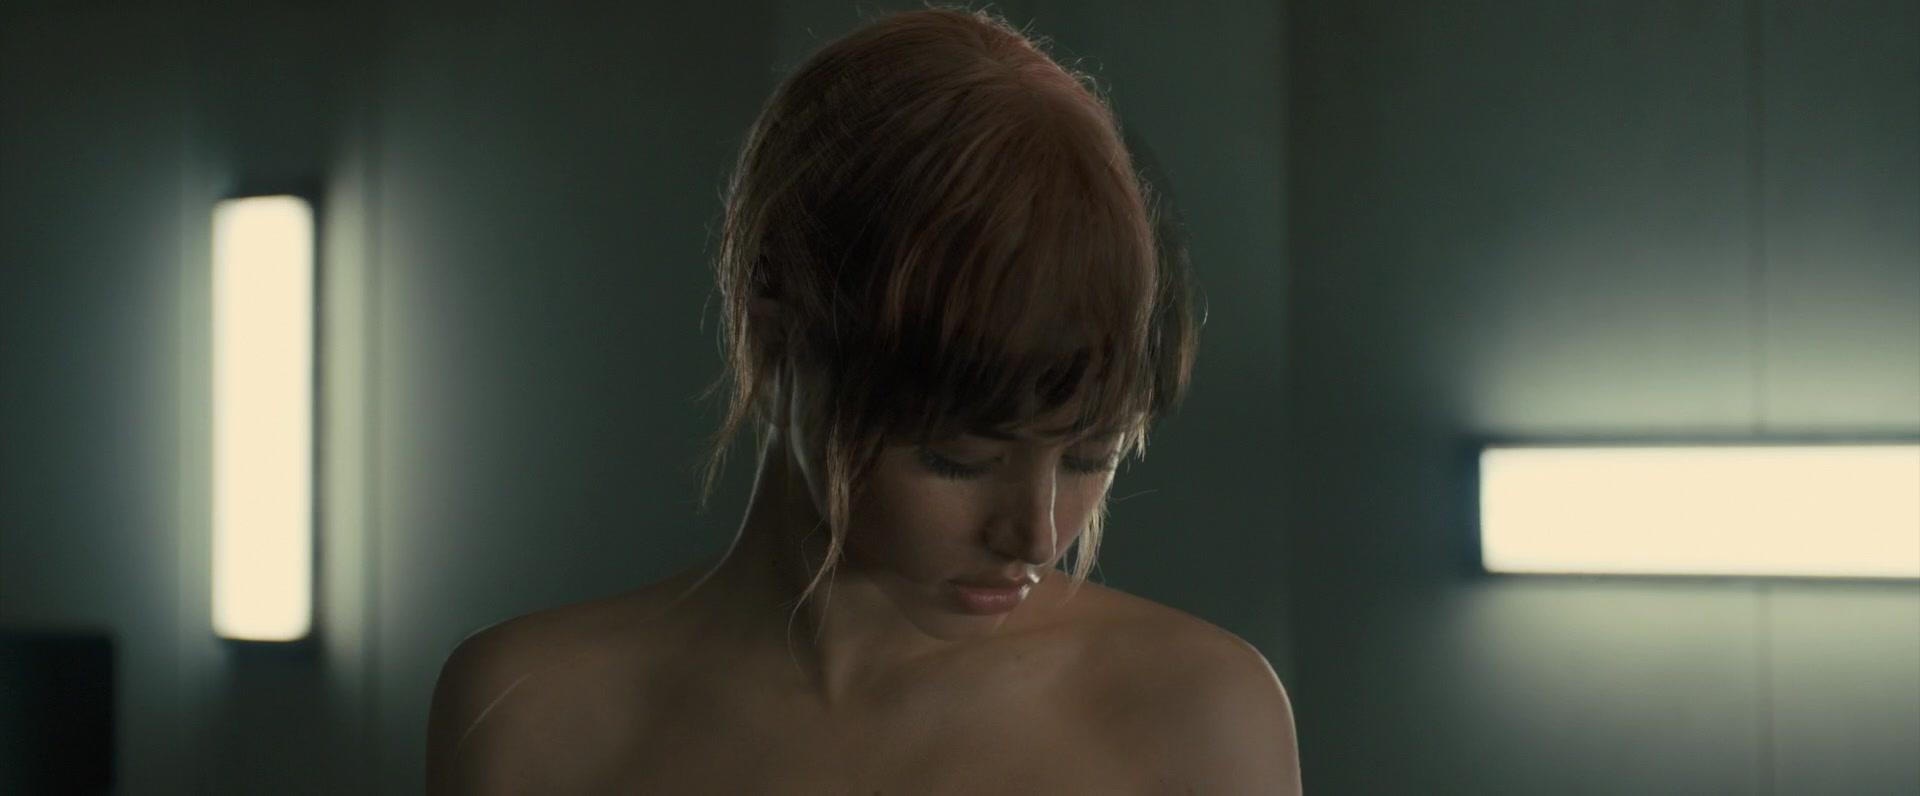 Ana-de-Armas-Sallie-Harmsen-Mackenzie-Davis-etc-Nude-49-thefappeningblog.com_.jpg